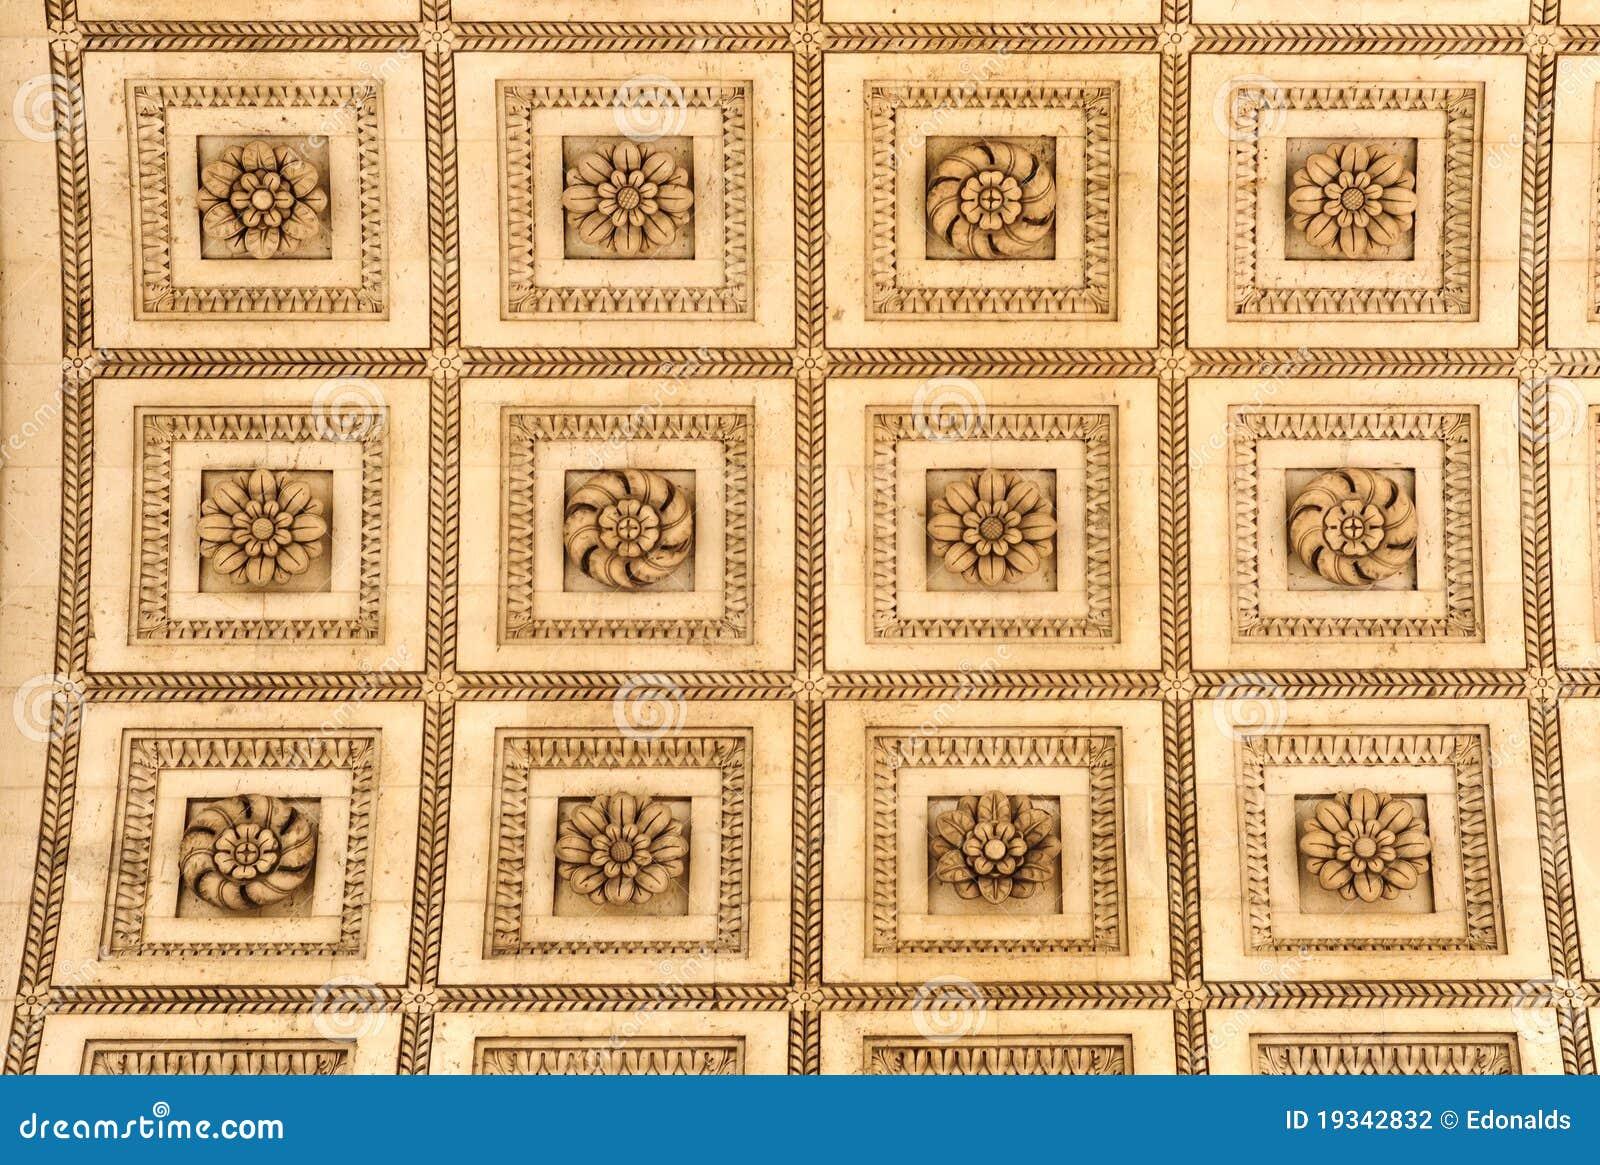 le plafond dans l 39 arc de triomphe paris photo stock image 19342832. Black Bedroom Furniture Sets. Home Design Ideas